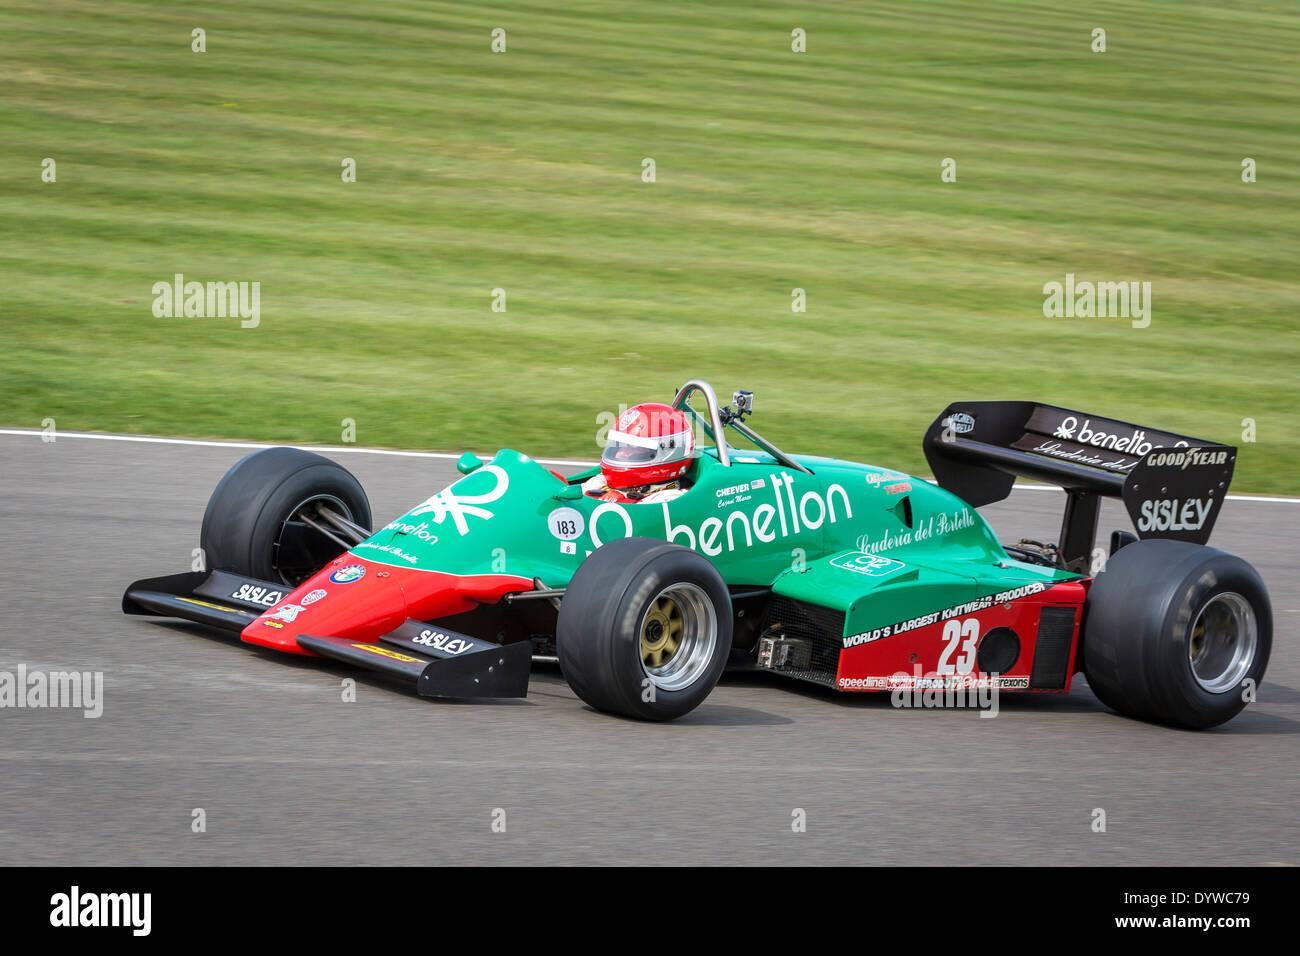 1983 Alfa Romeo Benetton 183T con conductor Marco Cajani en la 72ª reunión de los miembros de Goodwood, Sussex, Reino Unido. Imagen De Stock